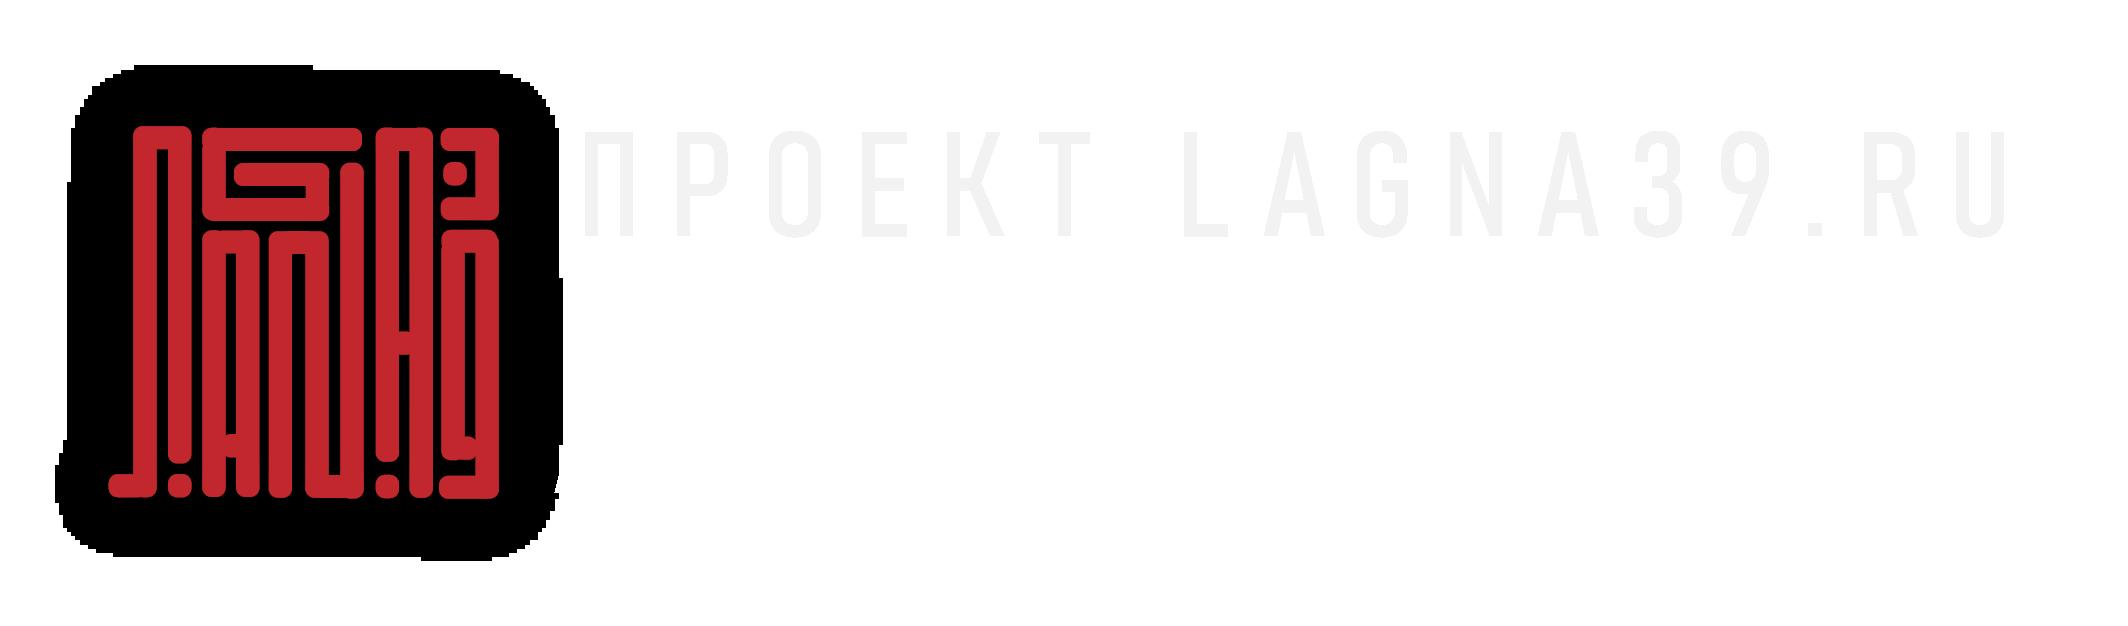 Проект LAGNA39.RU